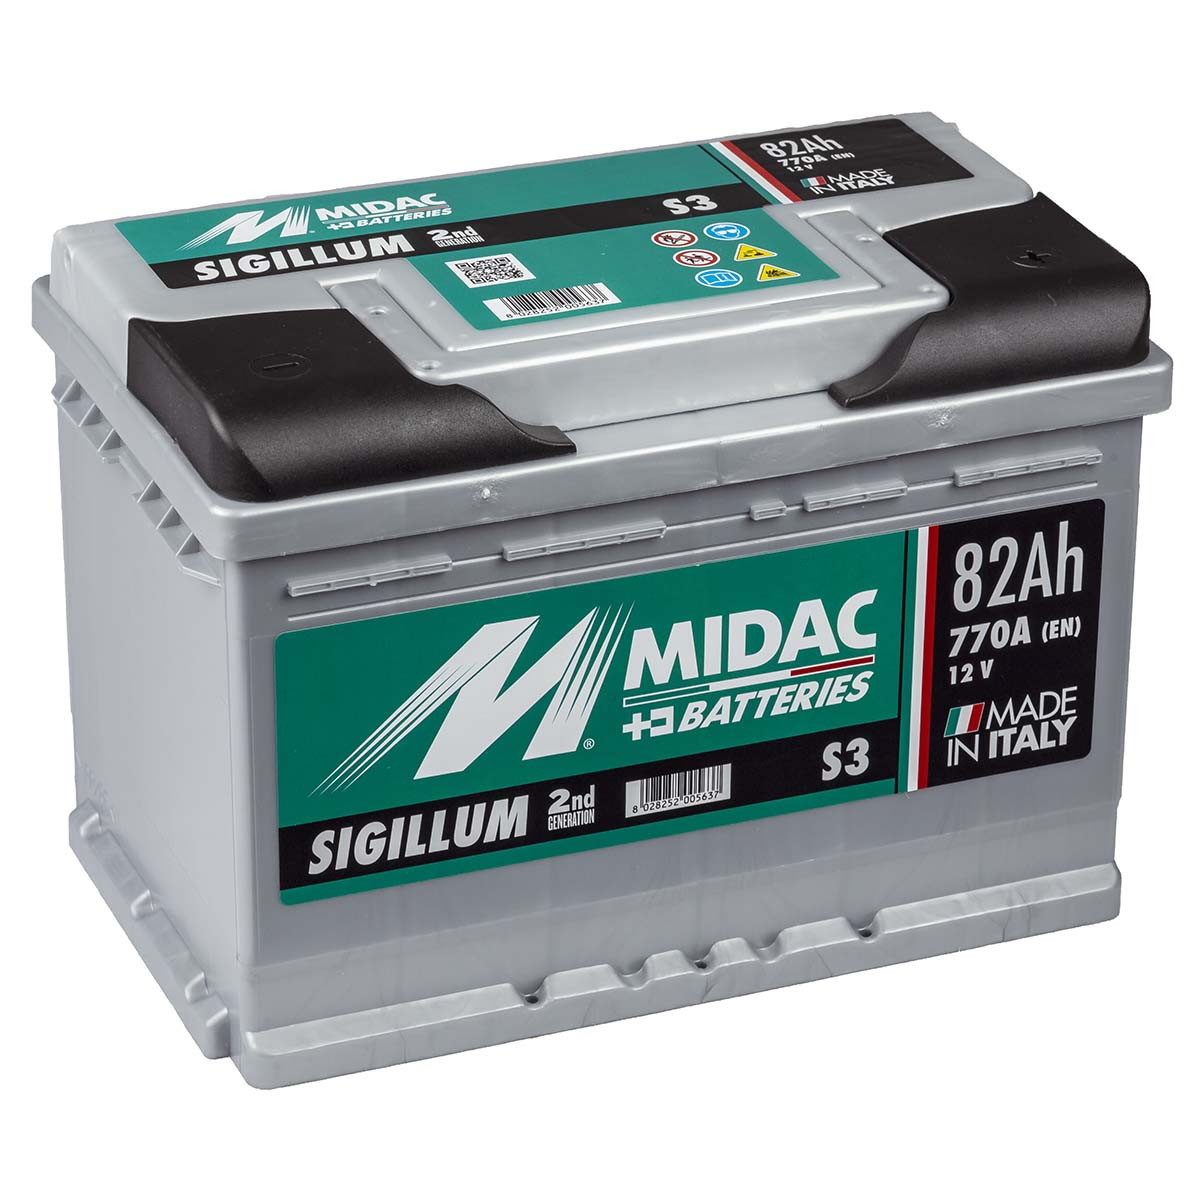 Автомобильный аккумулятор MIDAC S3 SIGILLUM 12 V 6СТ-82 Ah R+ АзЕ 770A Италия